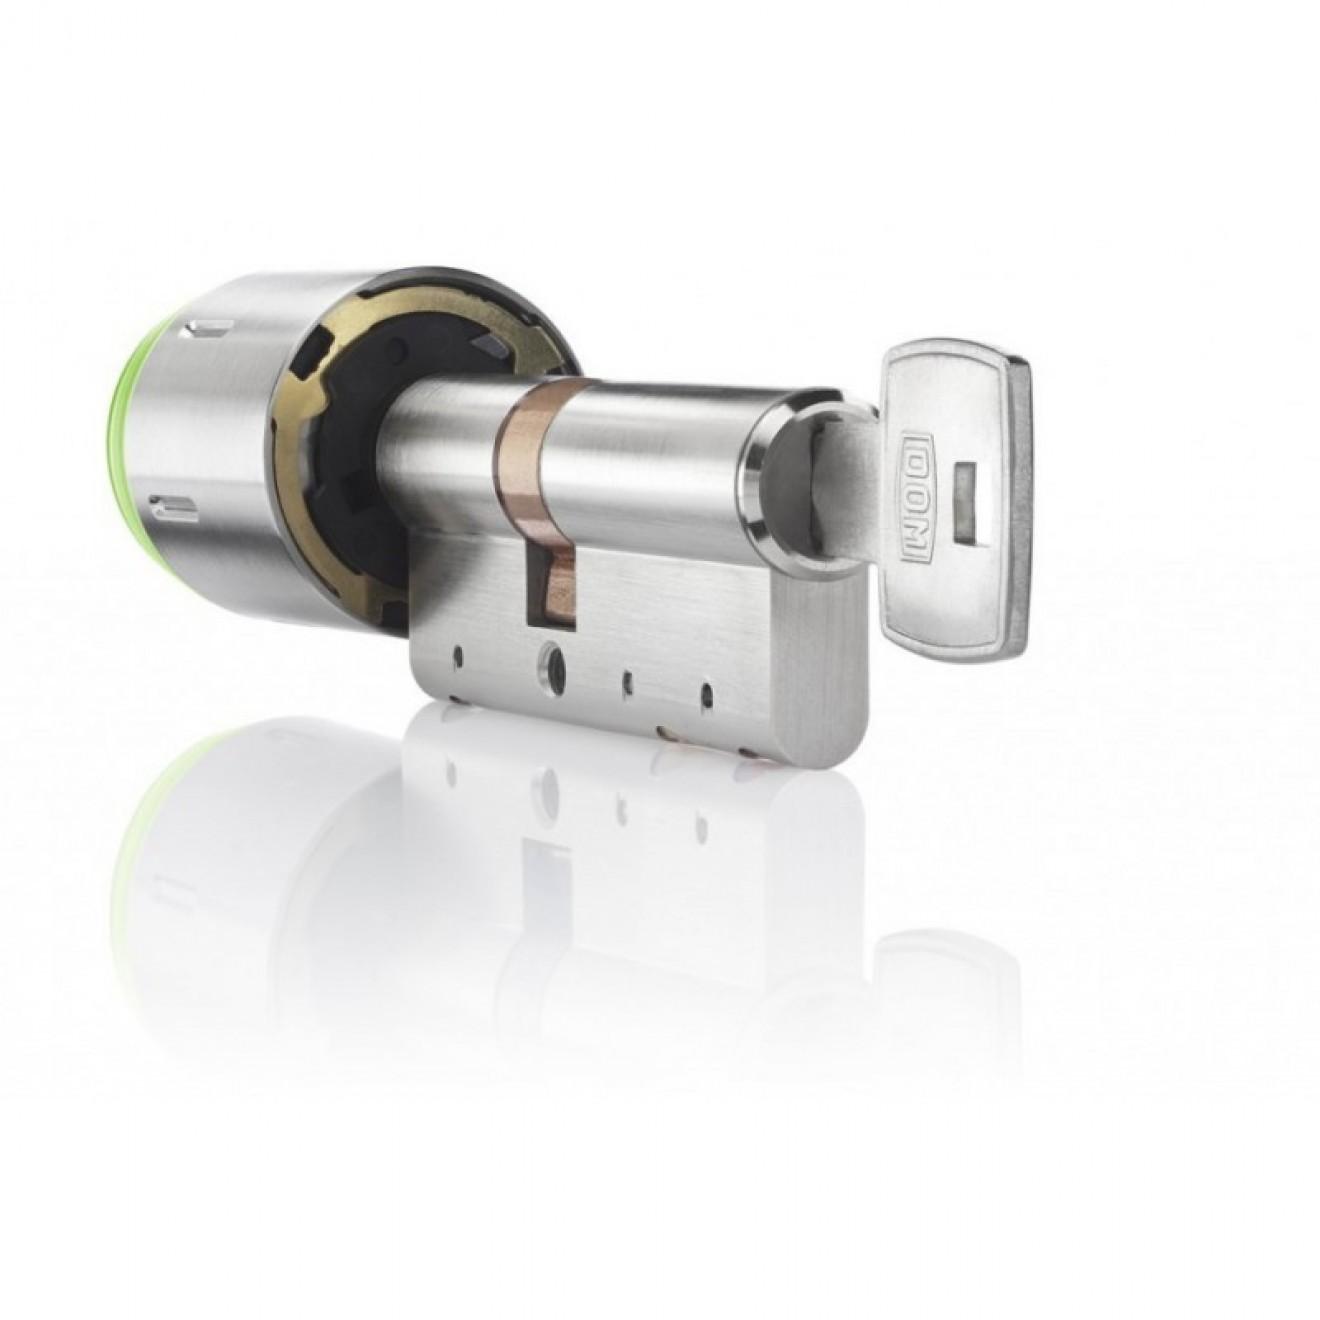 elektronischer schliesszylinder innenschlieaung schlieazylinder ee mit dom